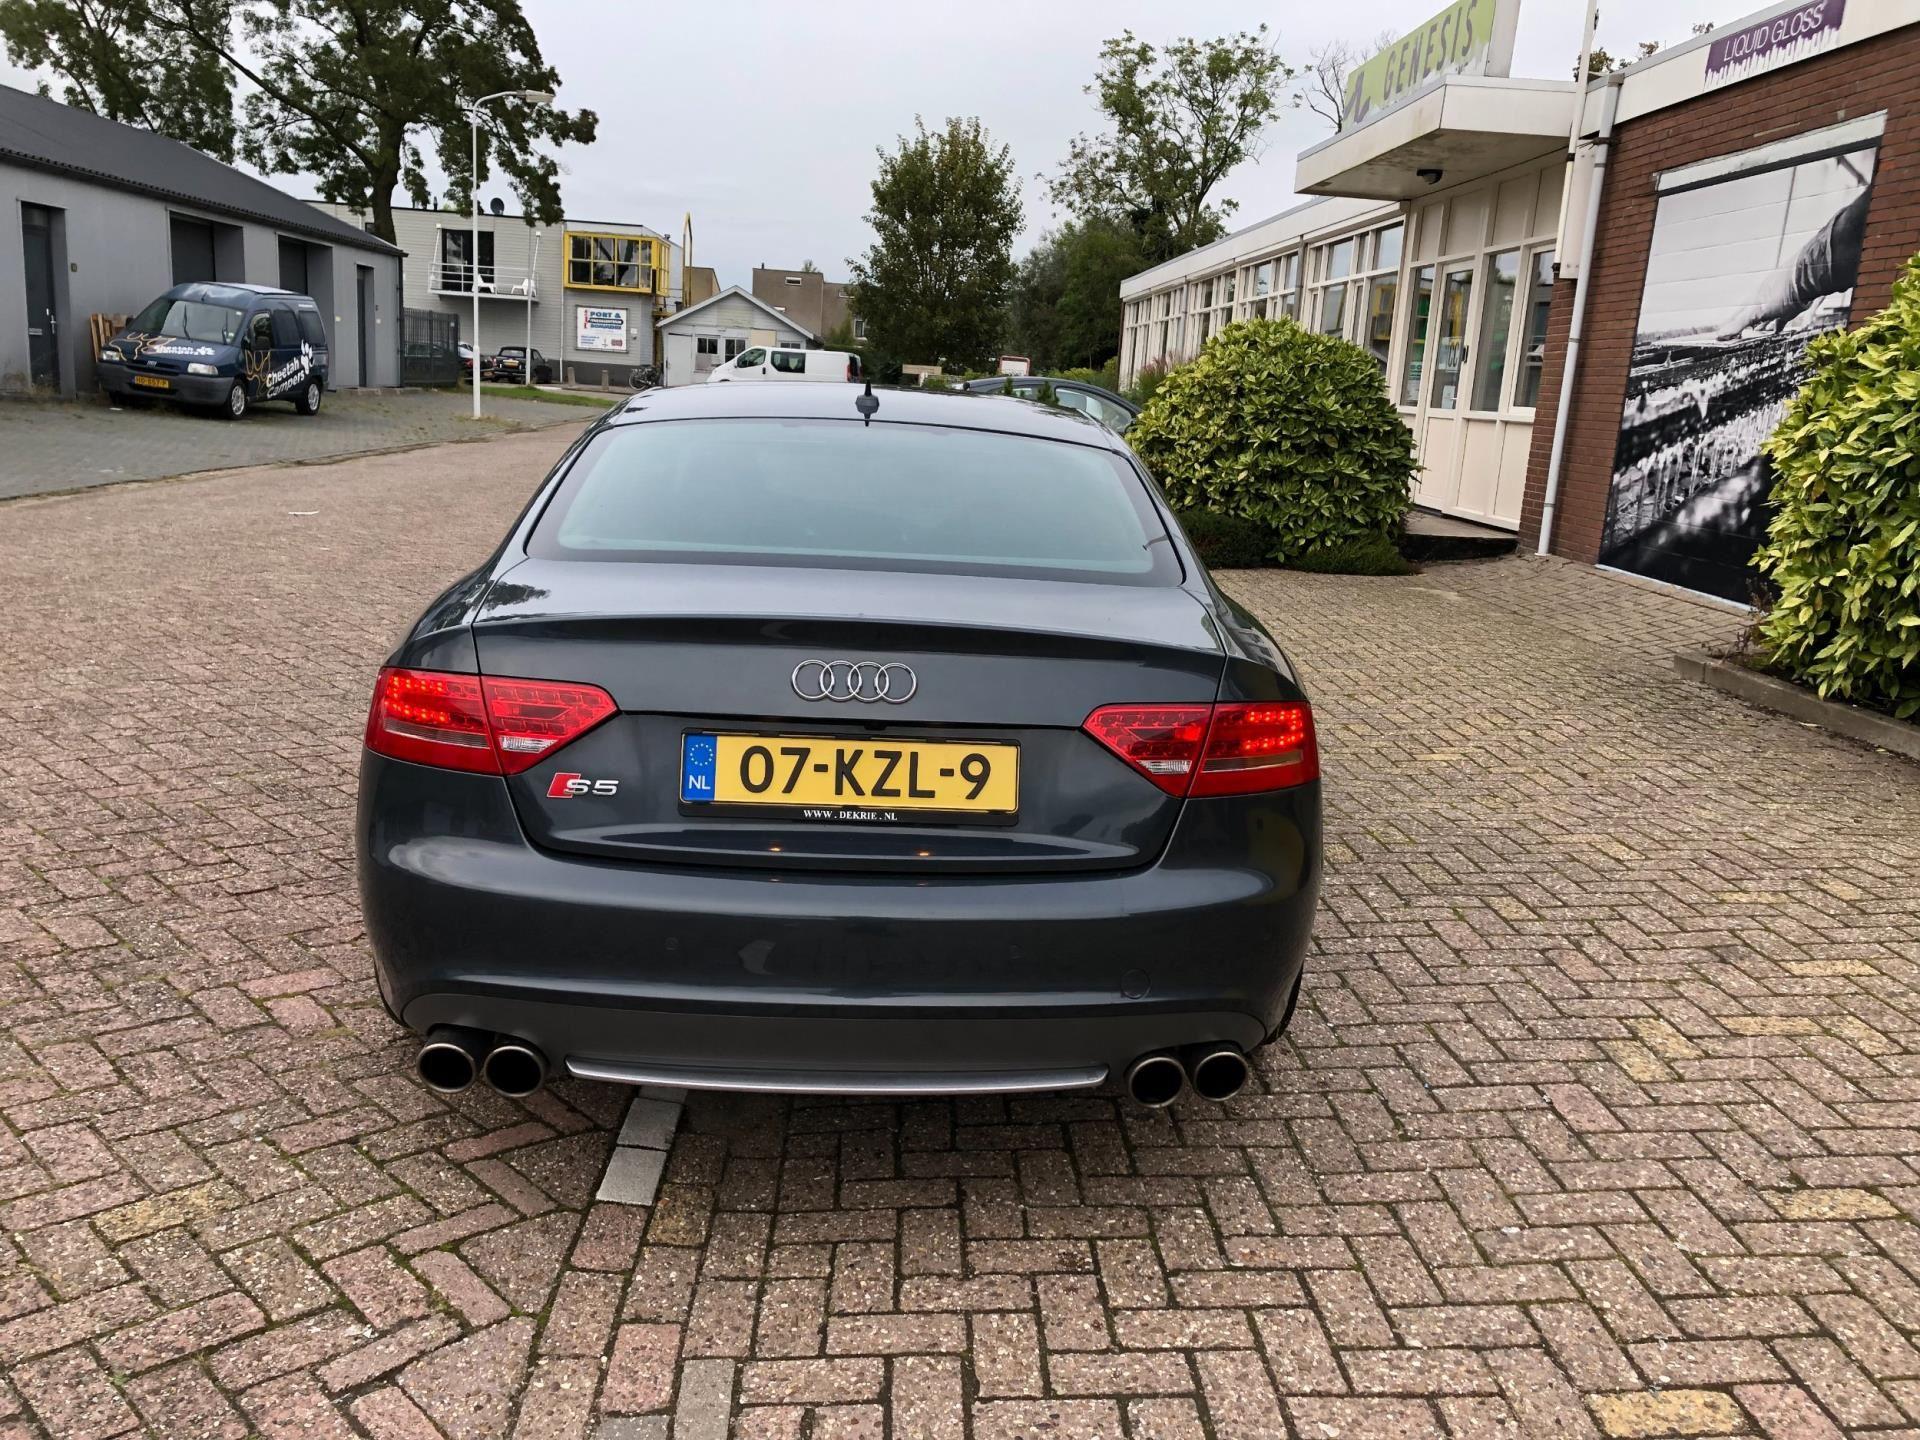 Audi A5 Coup occasion - Autogarage Krommenie